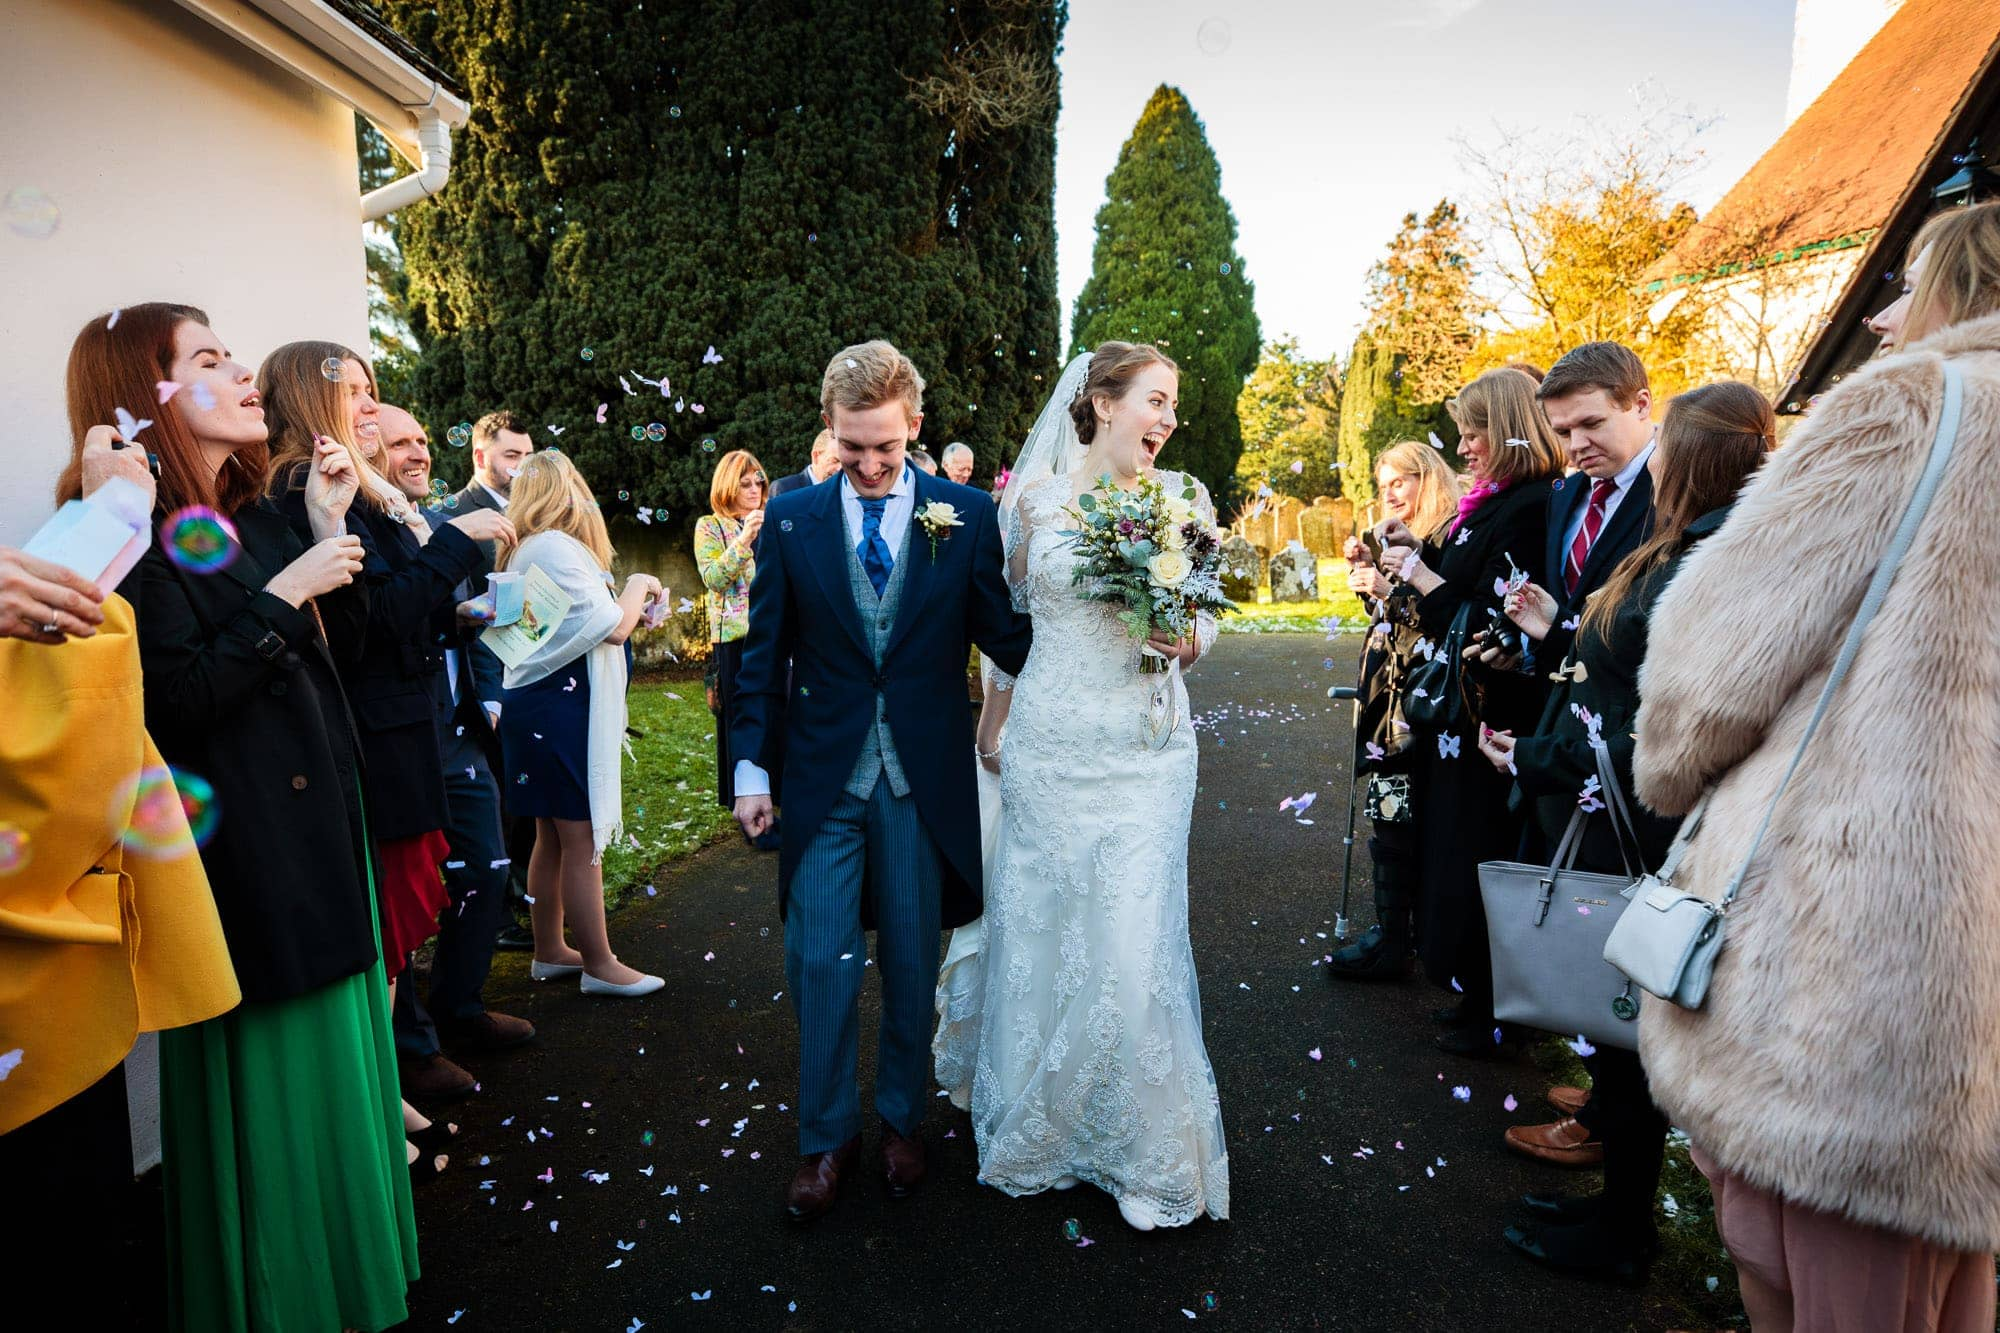 Millbridge Court Wedding Photographer 034 2930